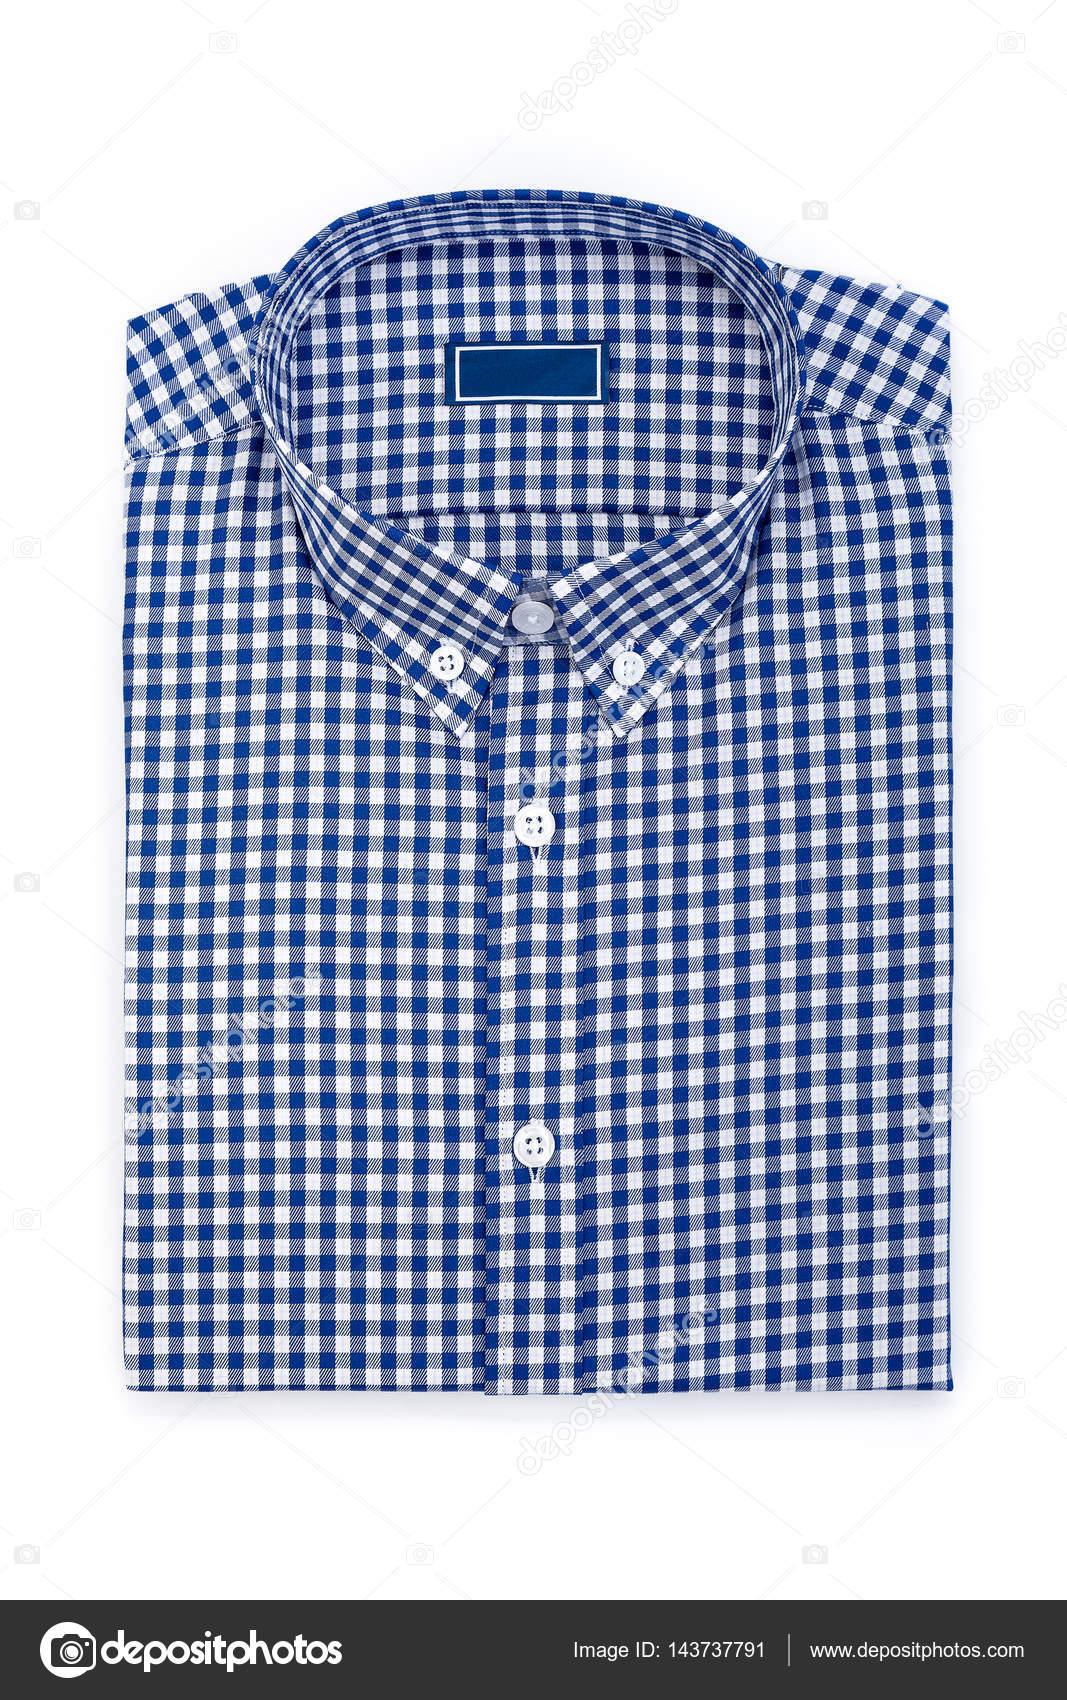 5e79ee04f9f1 Ανδρικό κλασικό μπλε καρό διπλωμένο βαμβακερό πουκάμισο με μακρύ ή κοντό  μανίκι και μπλε κενή ετικέτα που απομονώνονται σε λευκό φόντο — Εικόνα από  ...